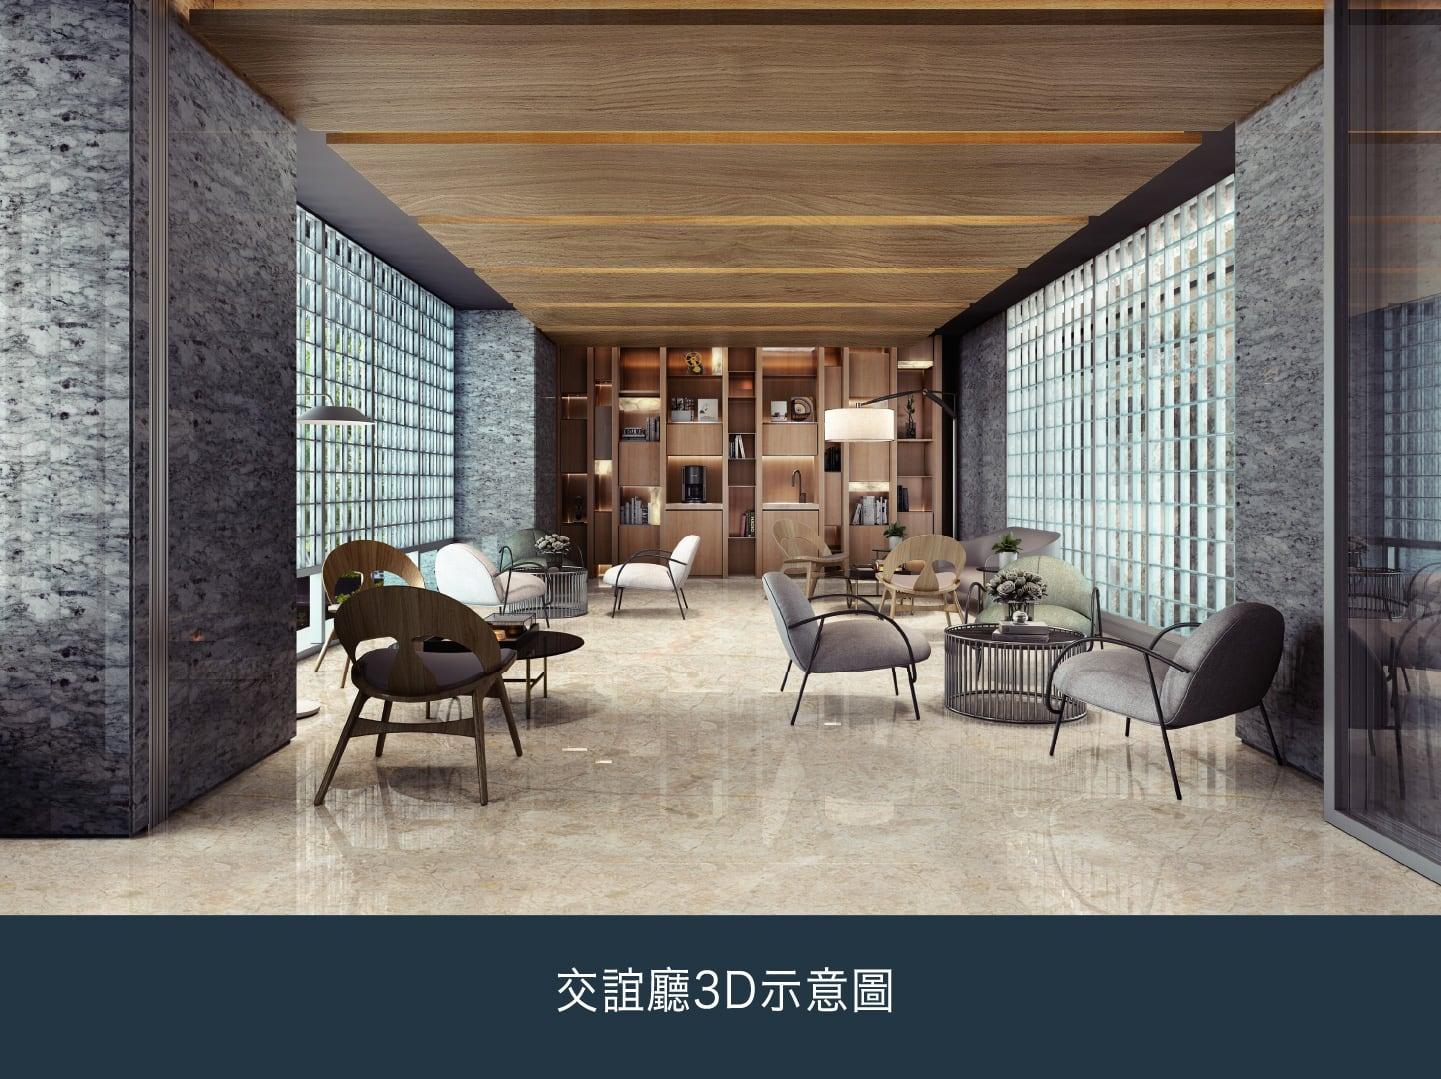 新業建設-交誼廳3D示意圖